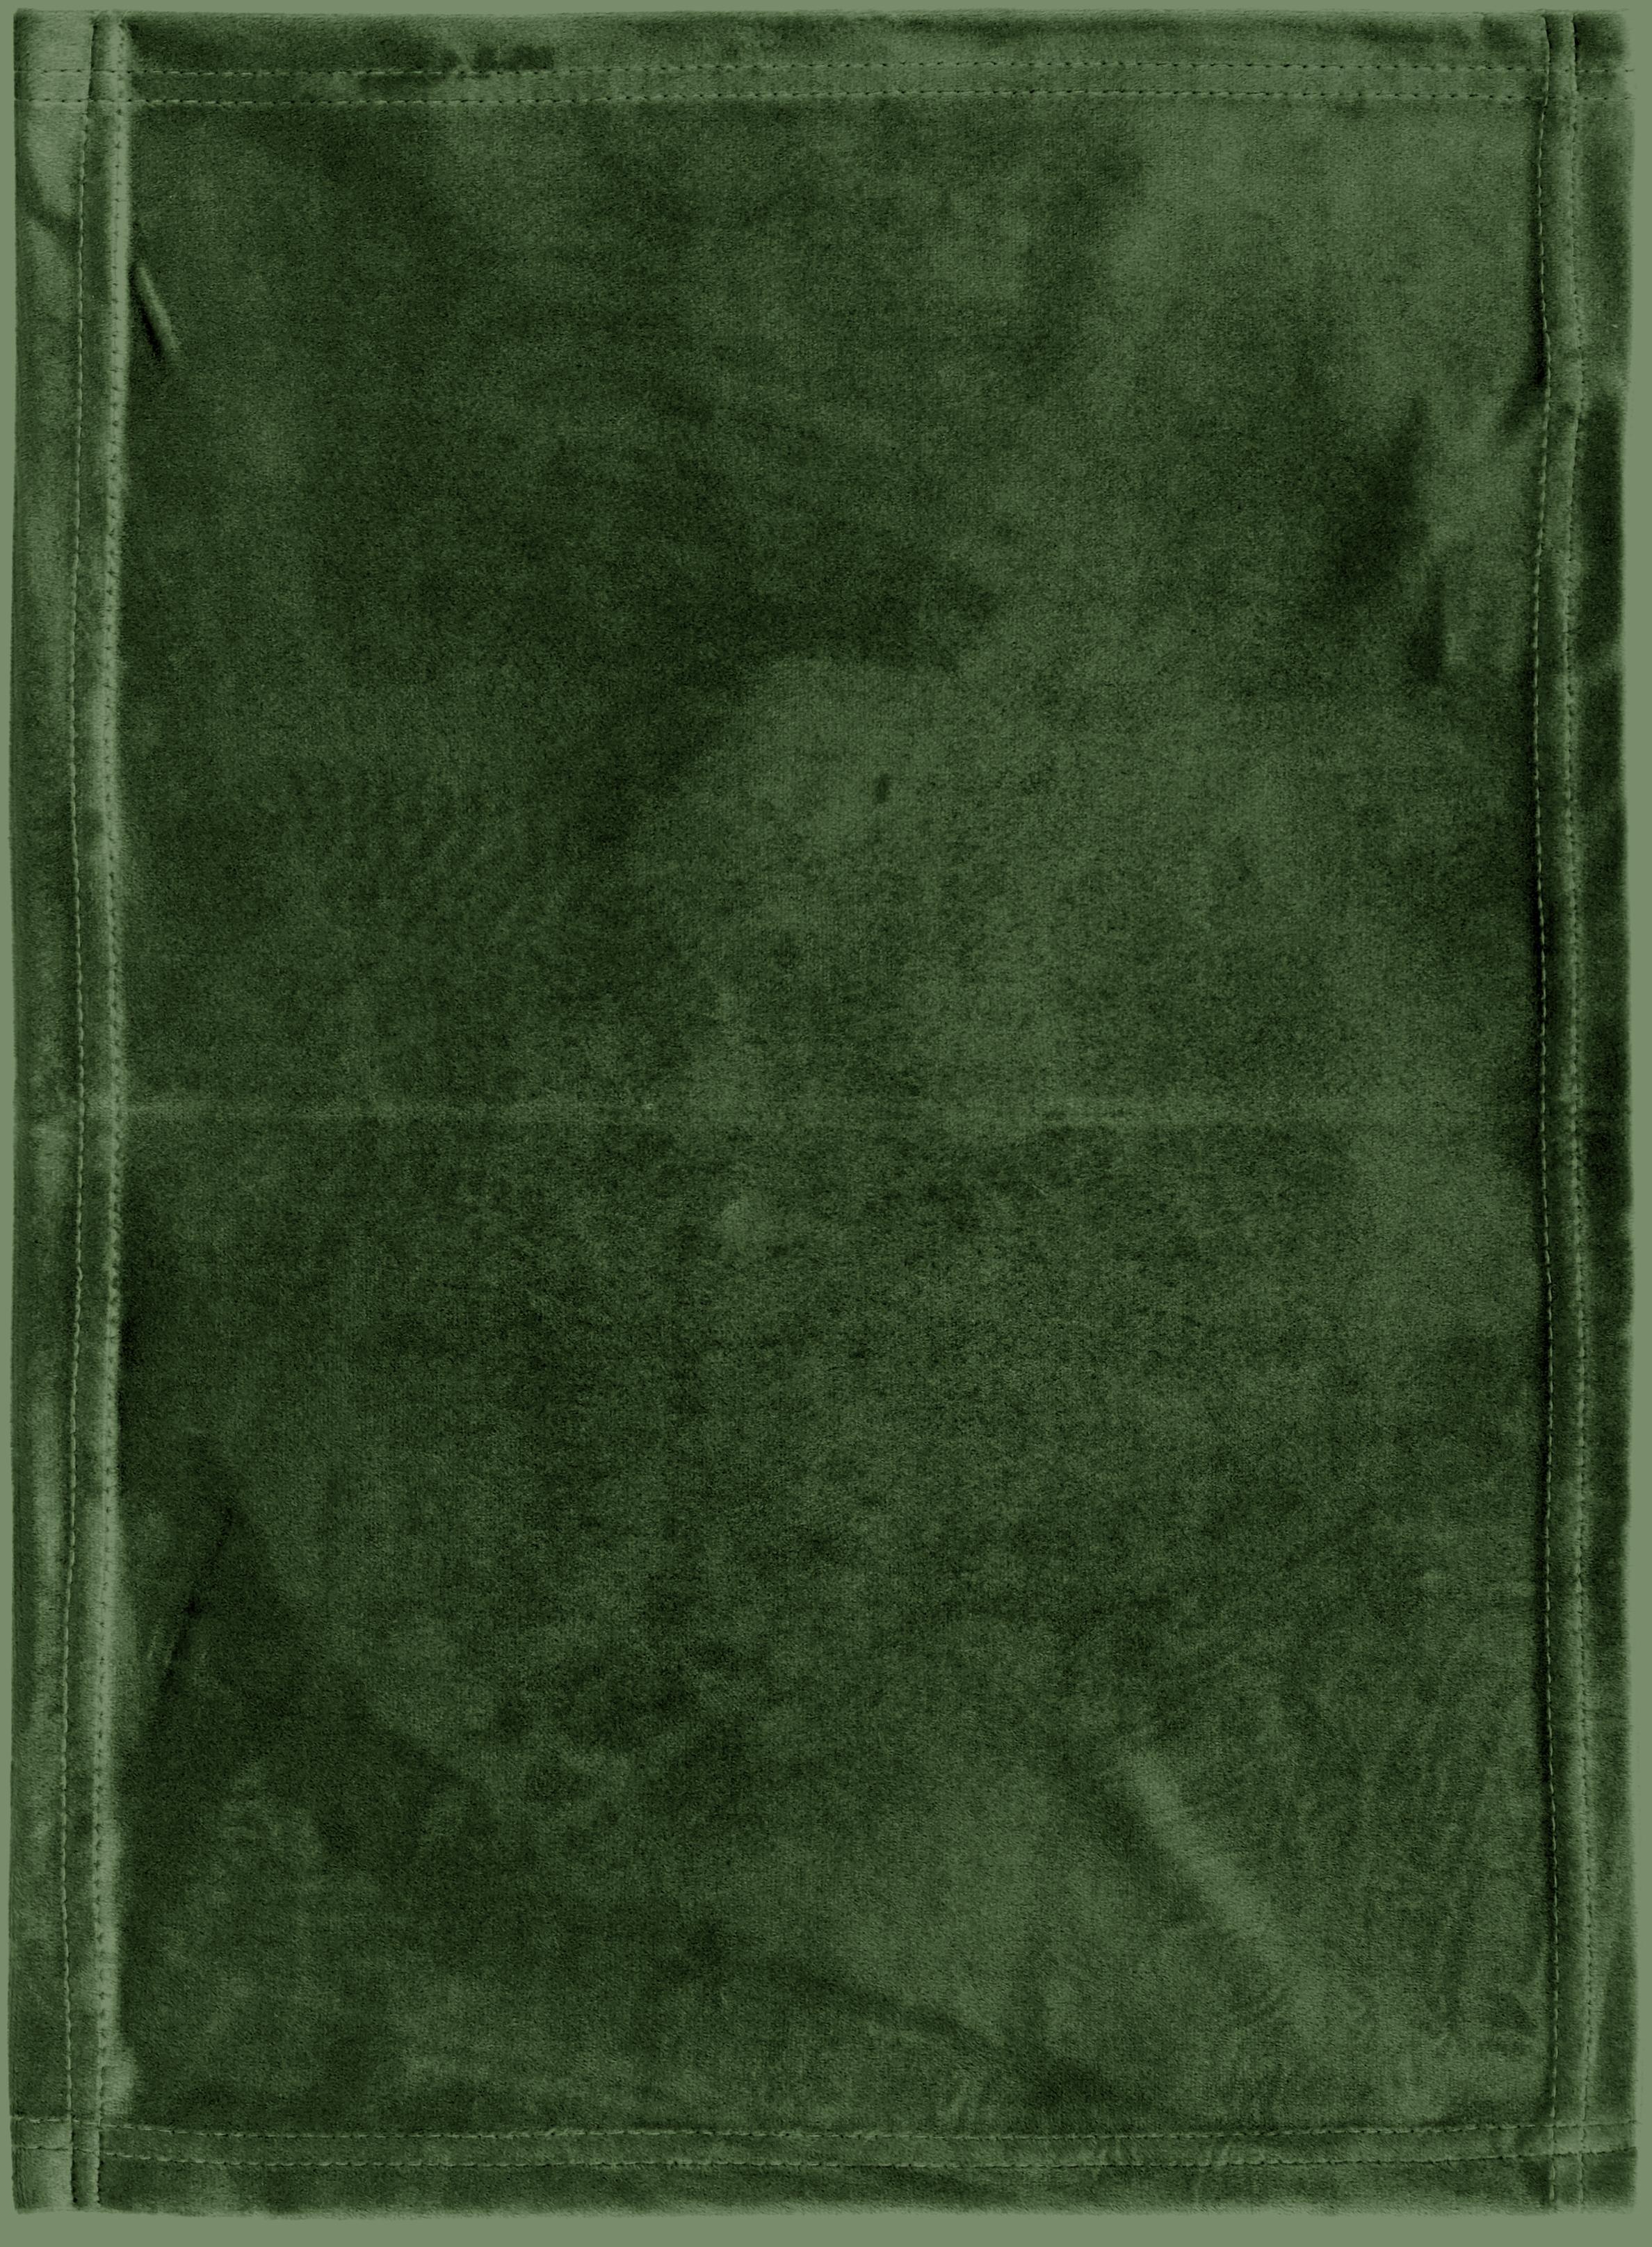 Samt-Tischsets Simone, 2 Stück, 100% Polyestersamt, Olivgrün, 35 x 45 cm